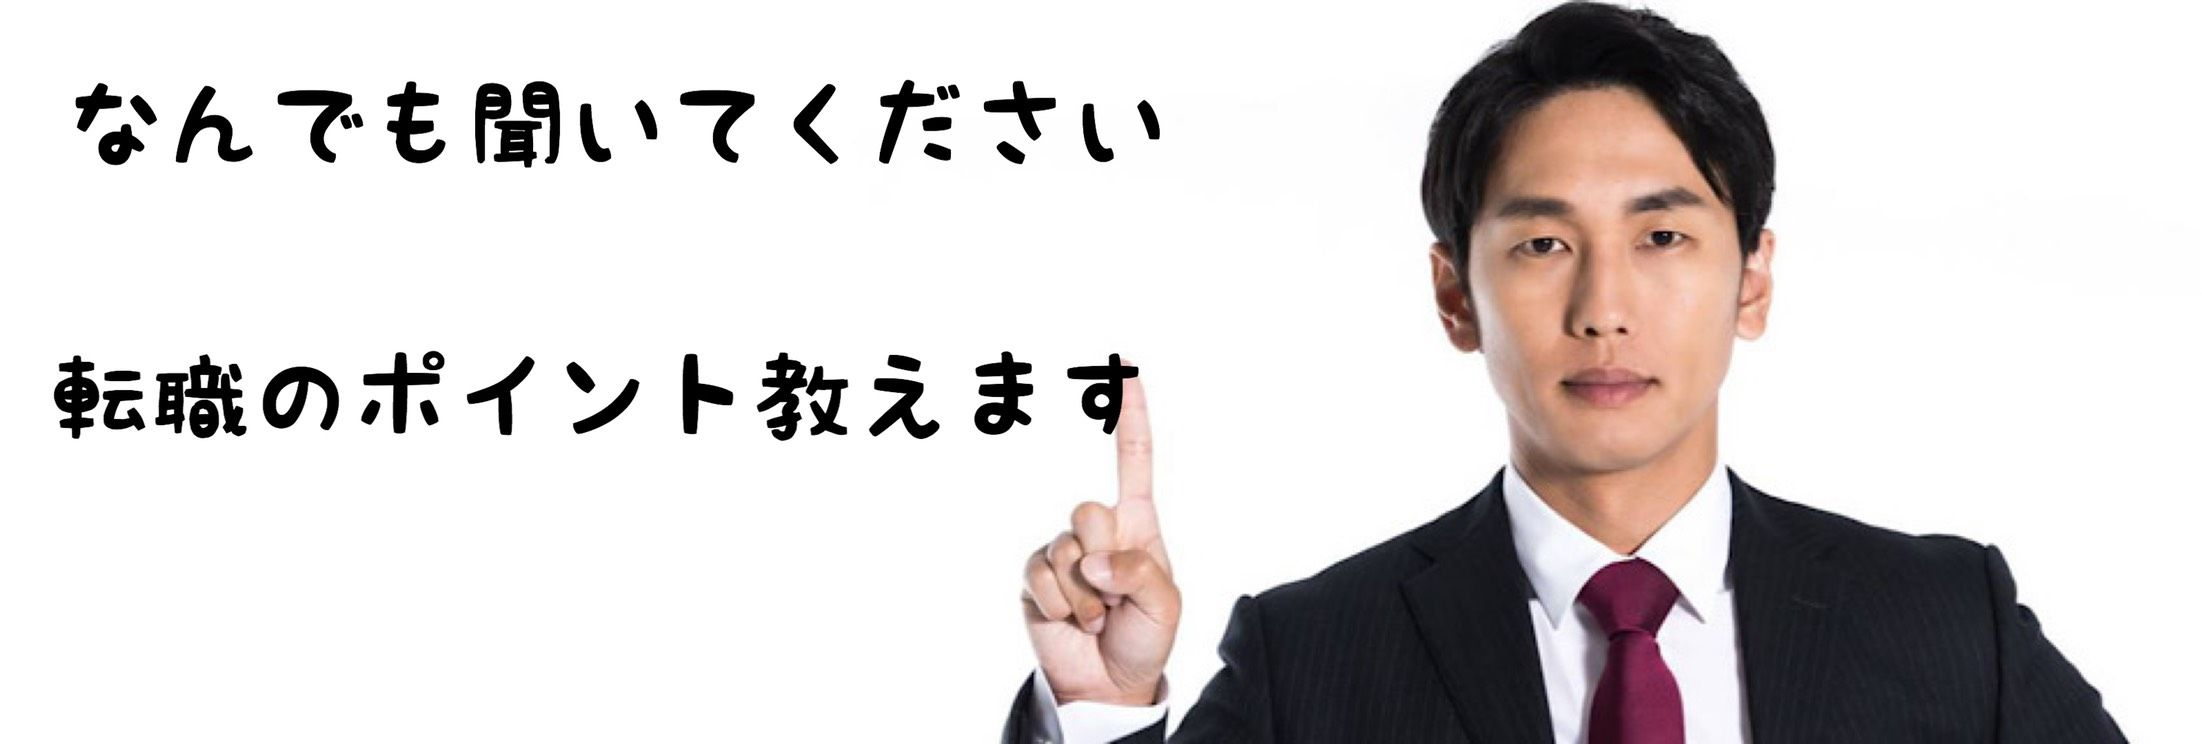 福岡〜発信!出逢いプロデュース「Eternita(エテルニタ)」